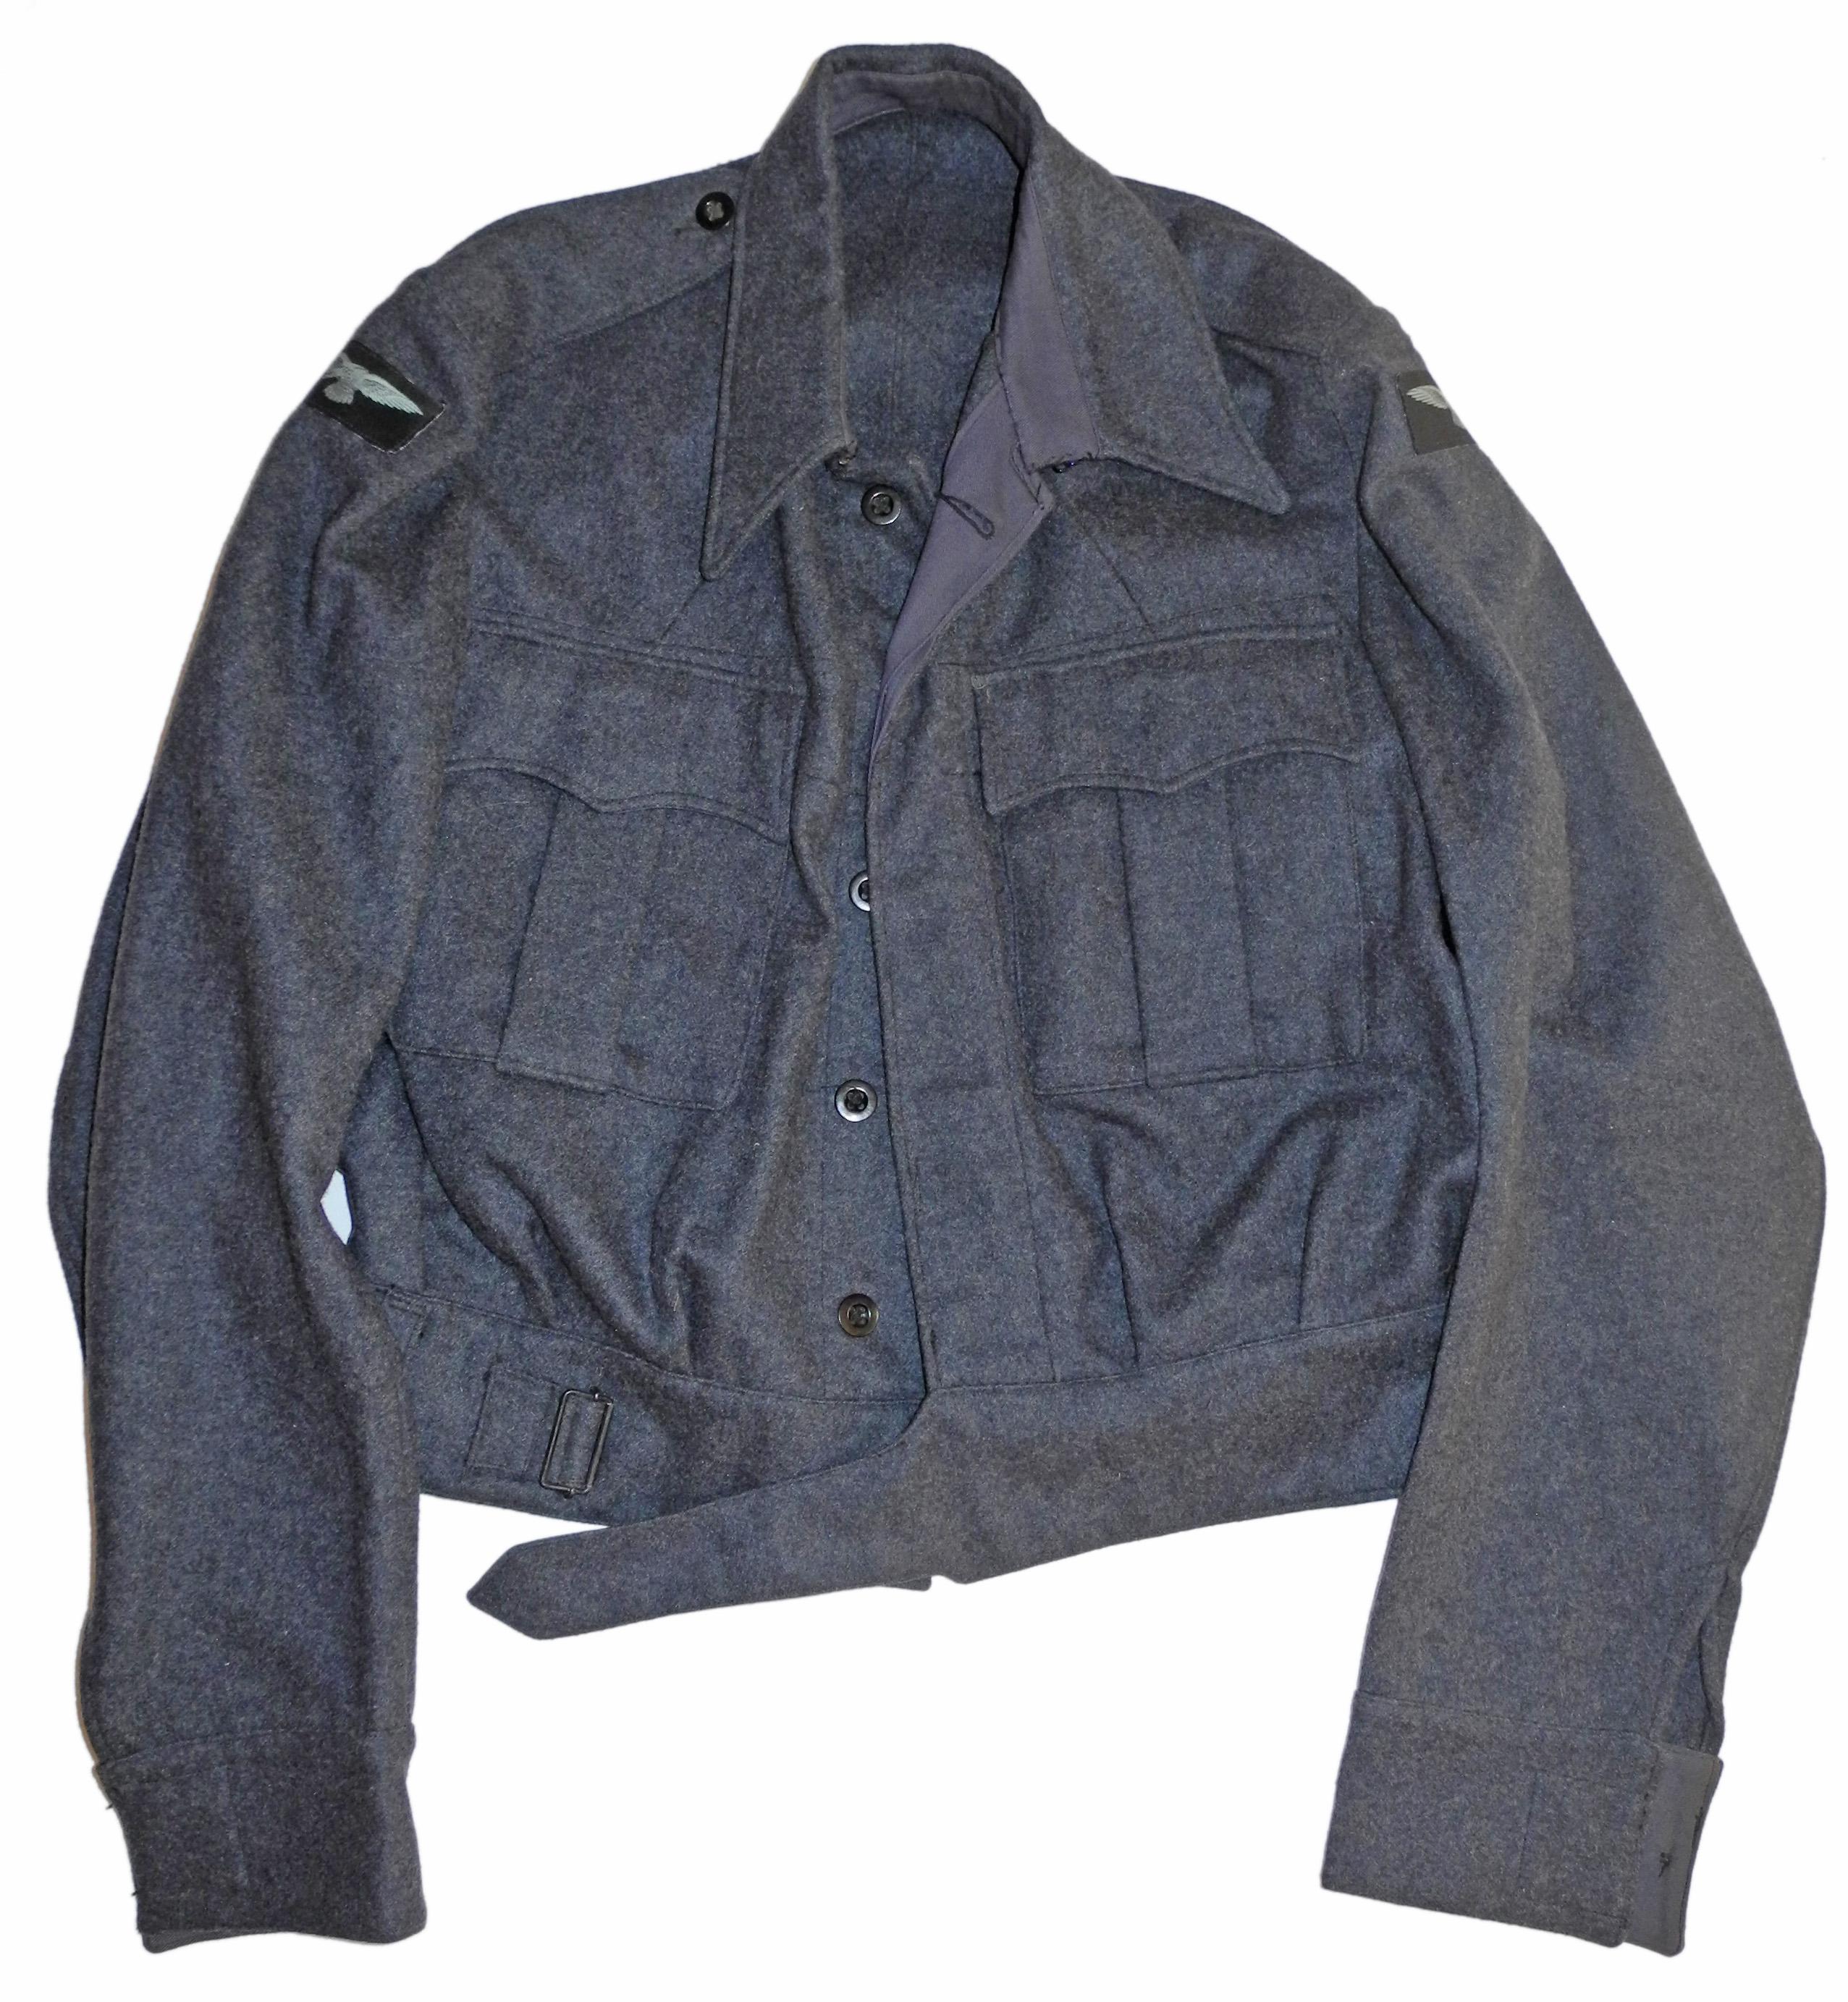 1945 dated RAF War Service Dress blouse (battledress)